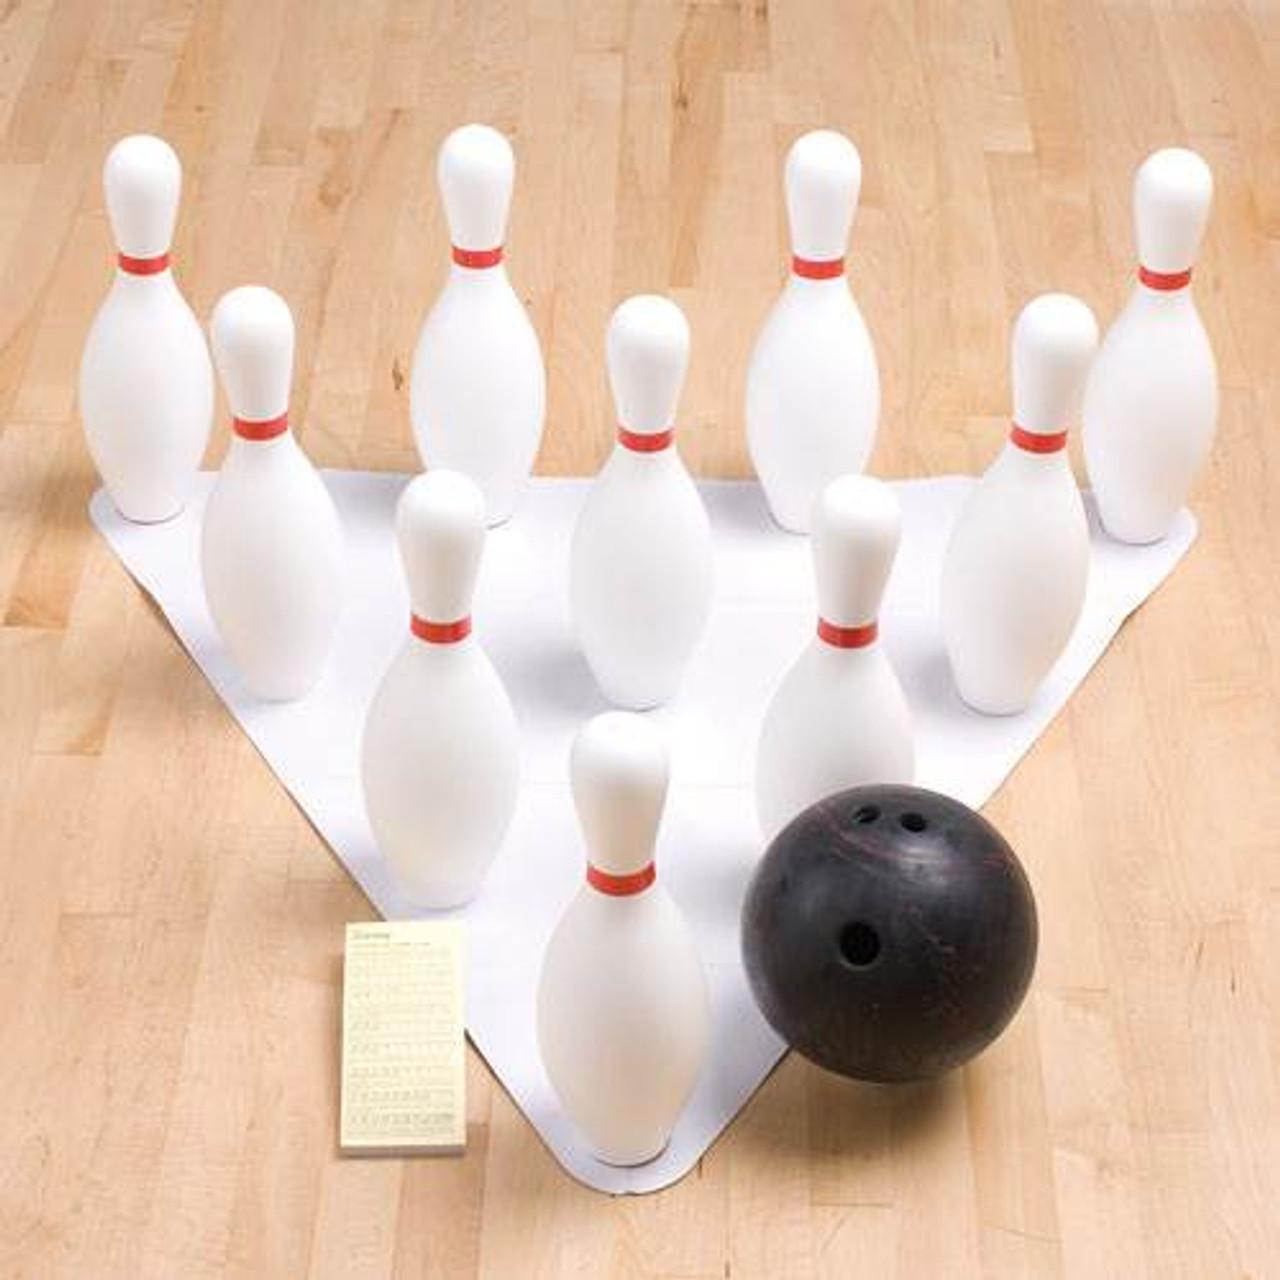 GameCraft® Lightweight Bowling Set